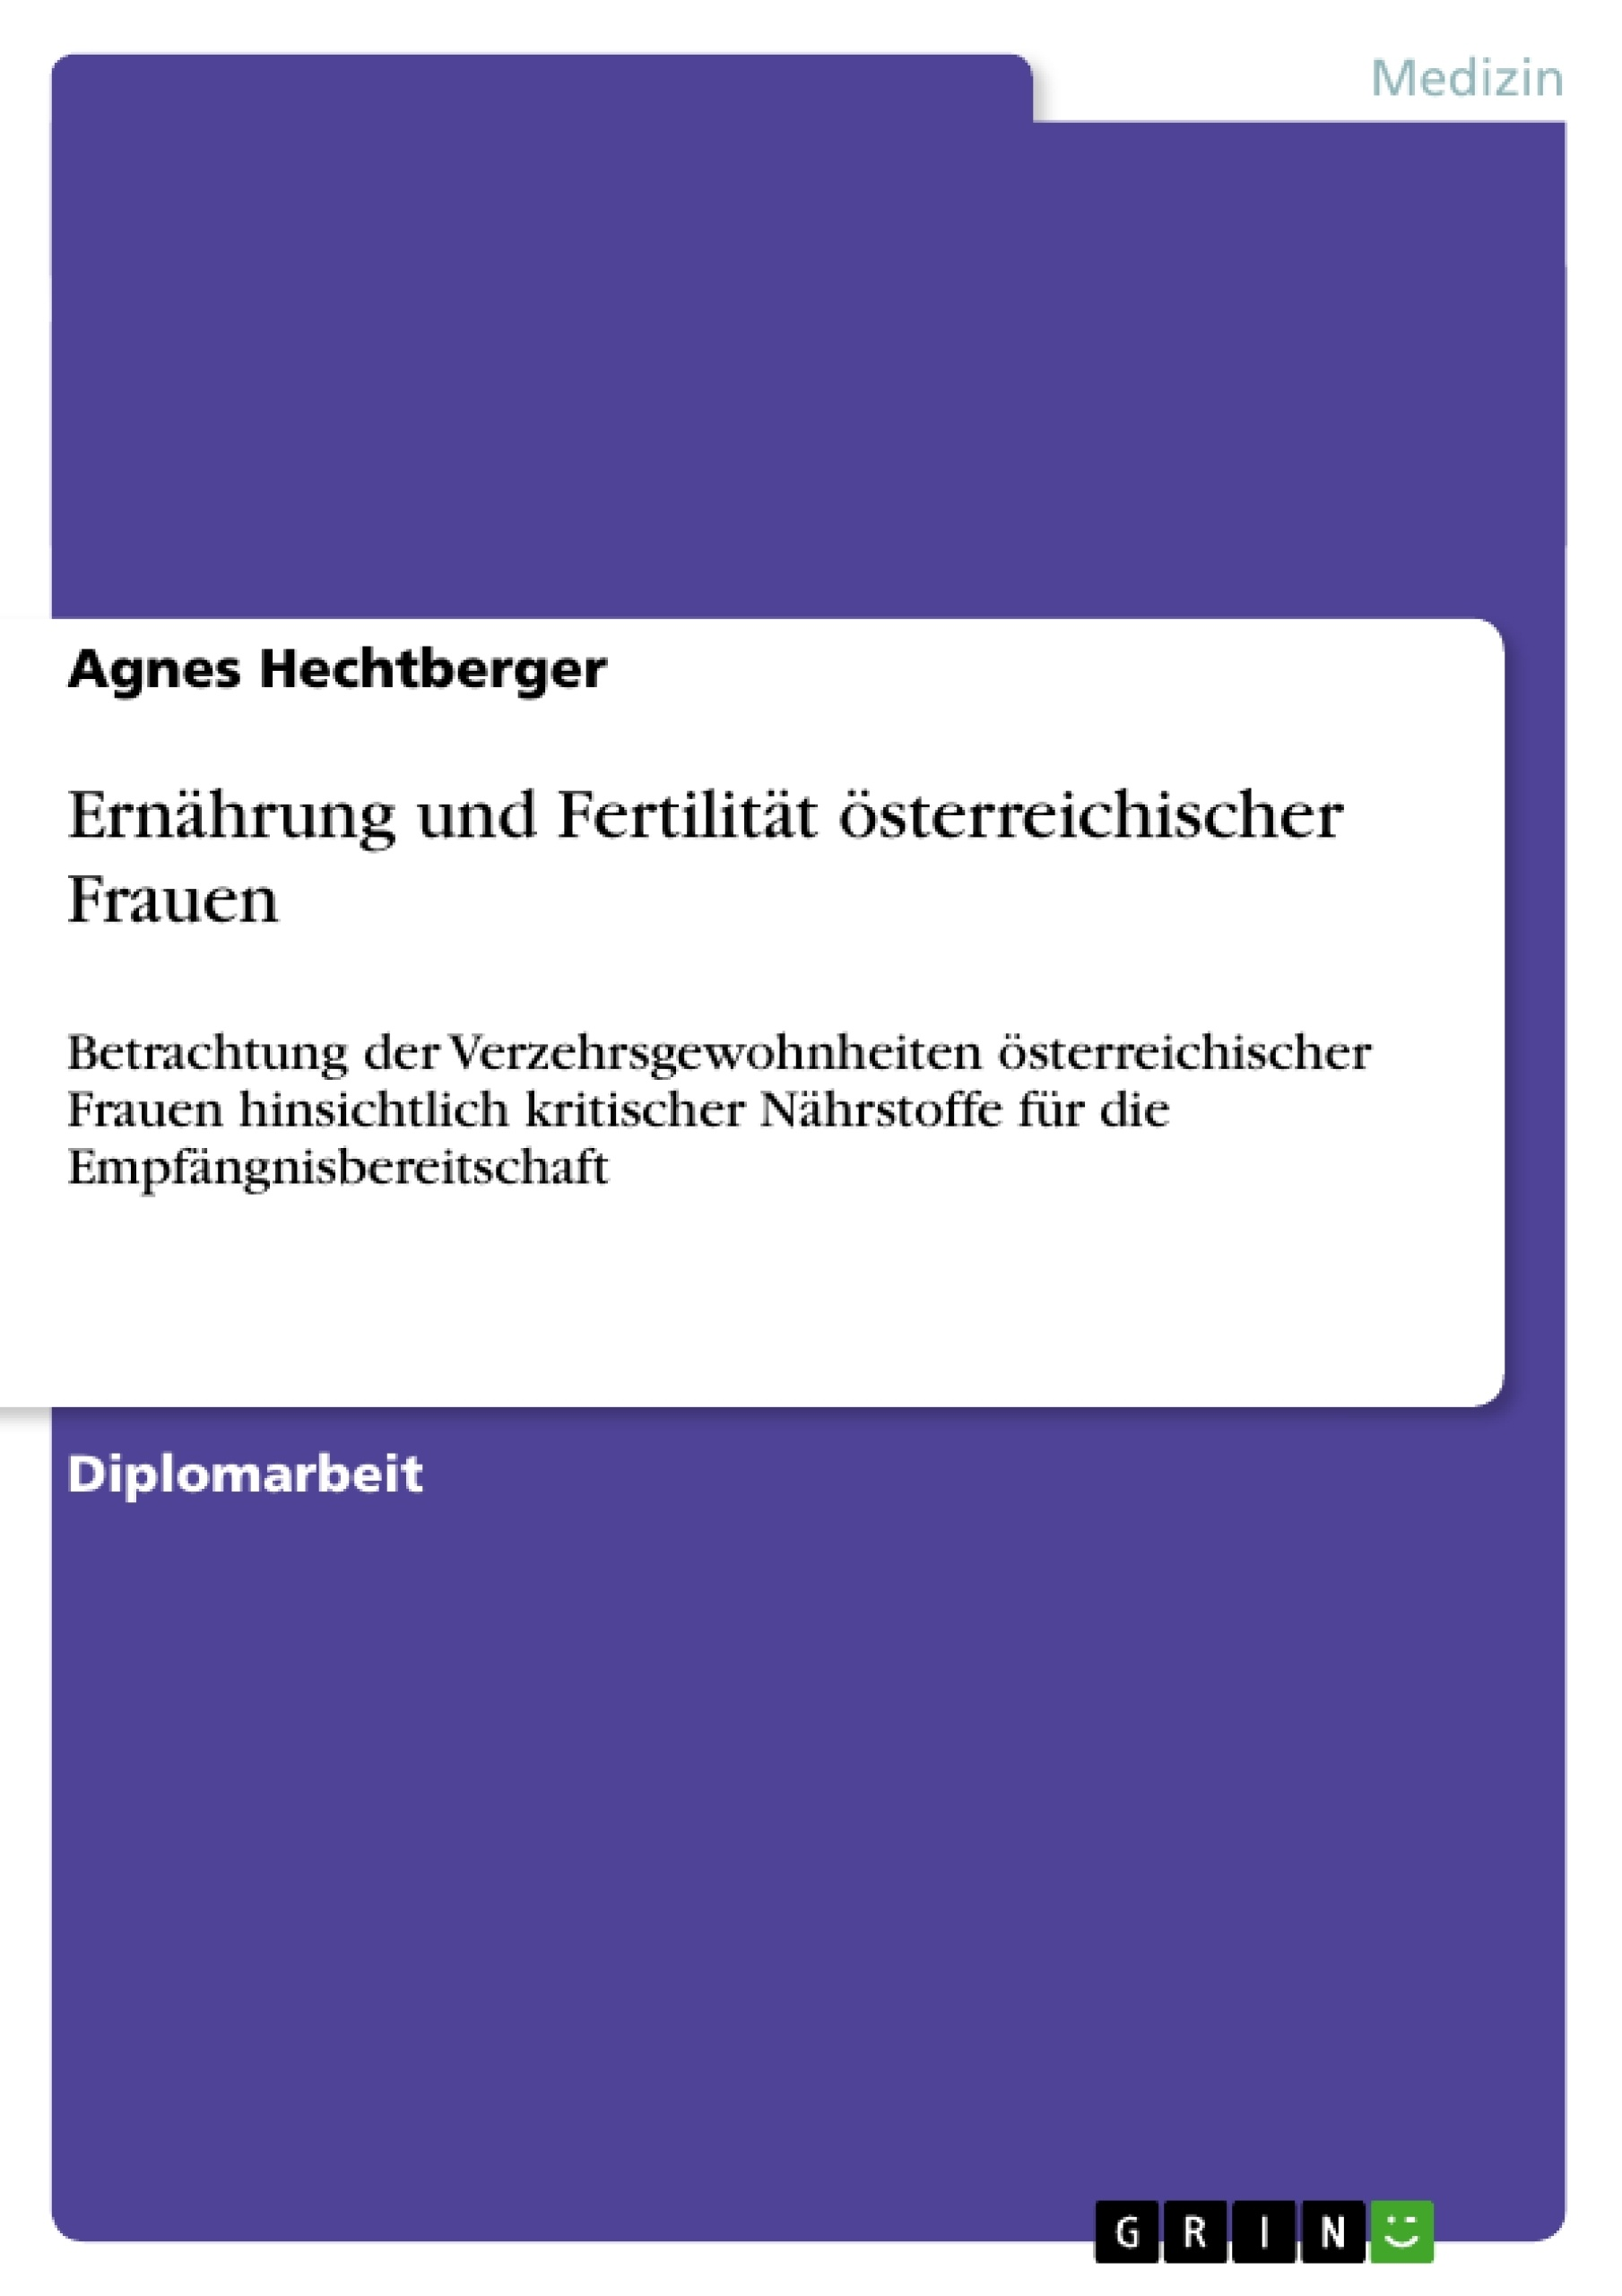 Ernährung und Fertilität österreichischer Frauen | Masterarbeit ...